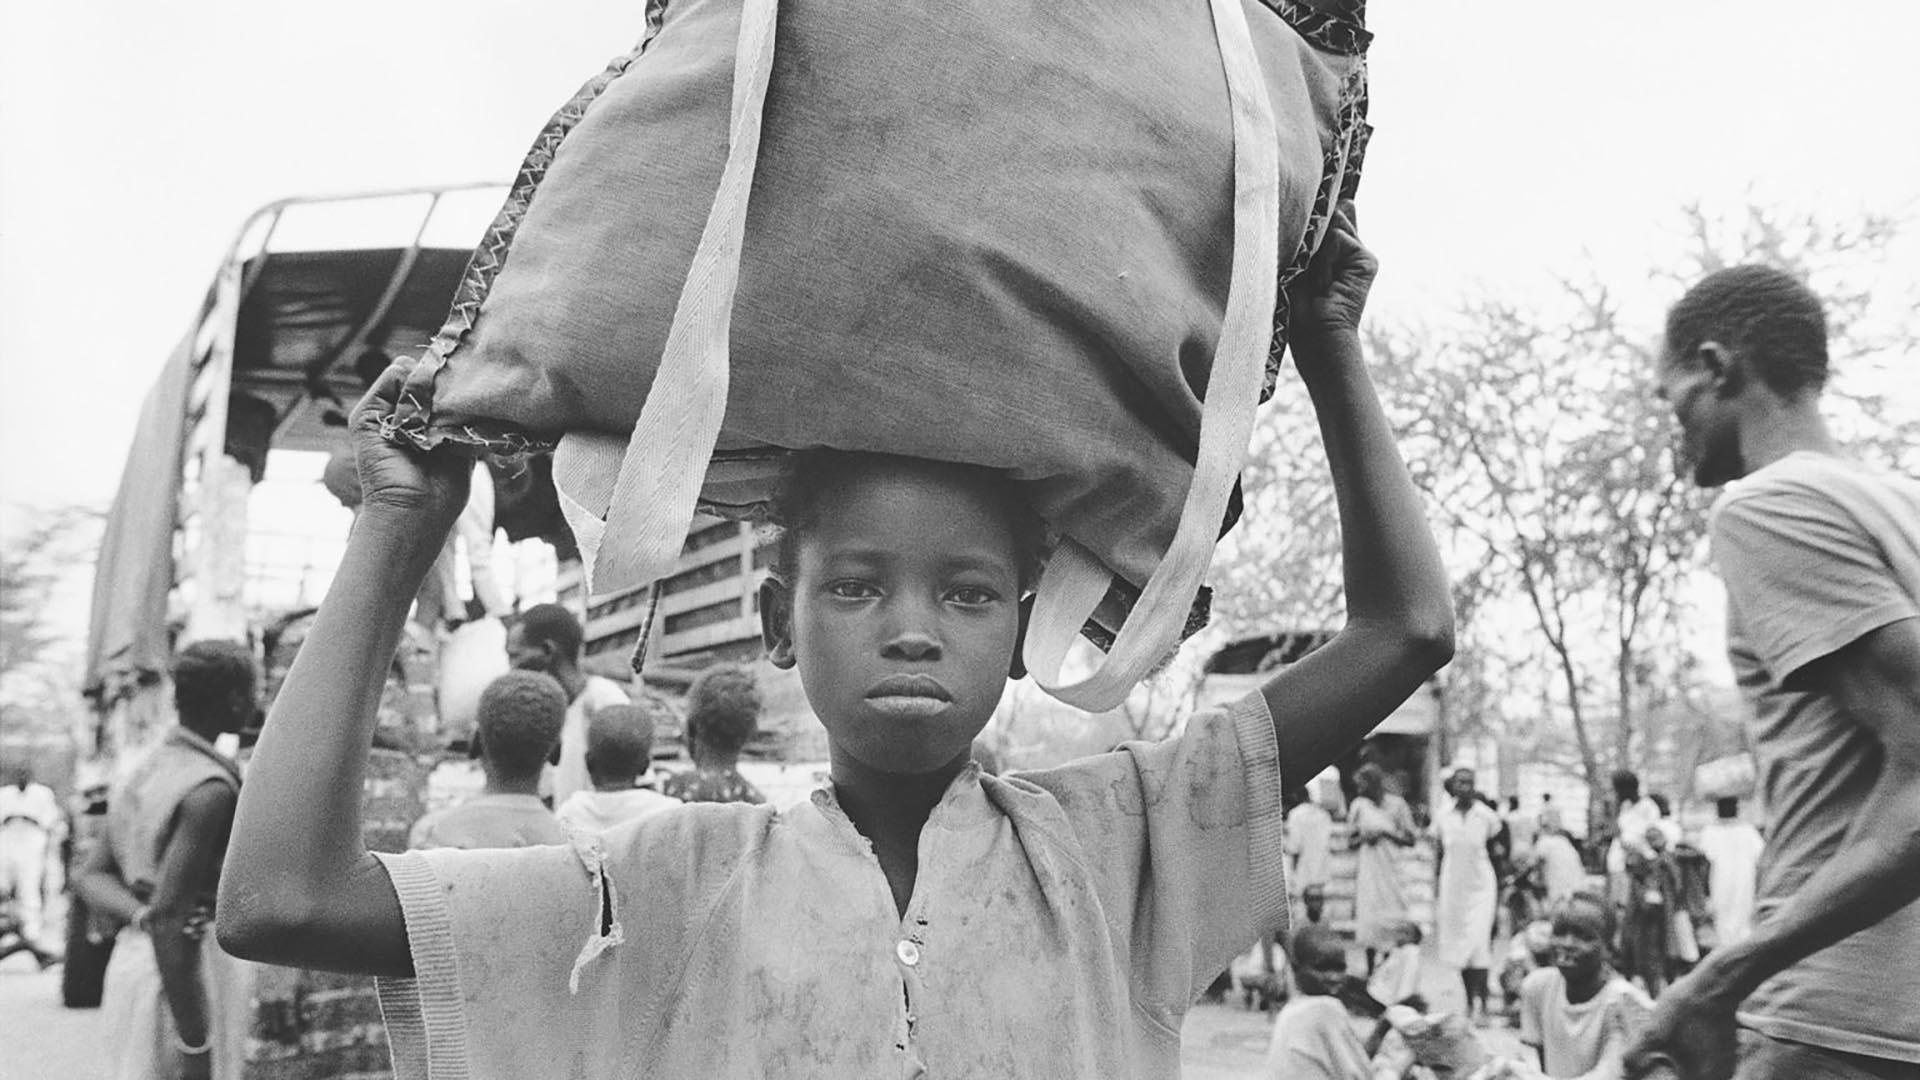 Boys of Sudan